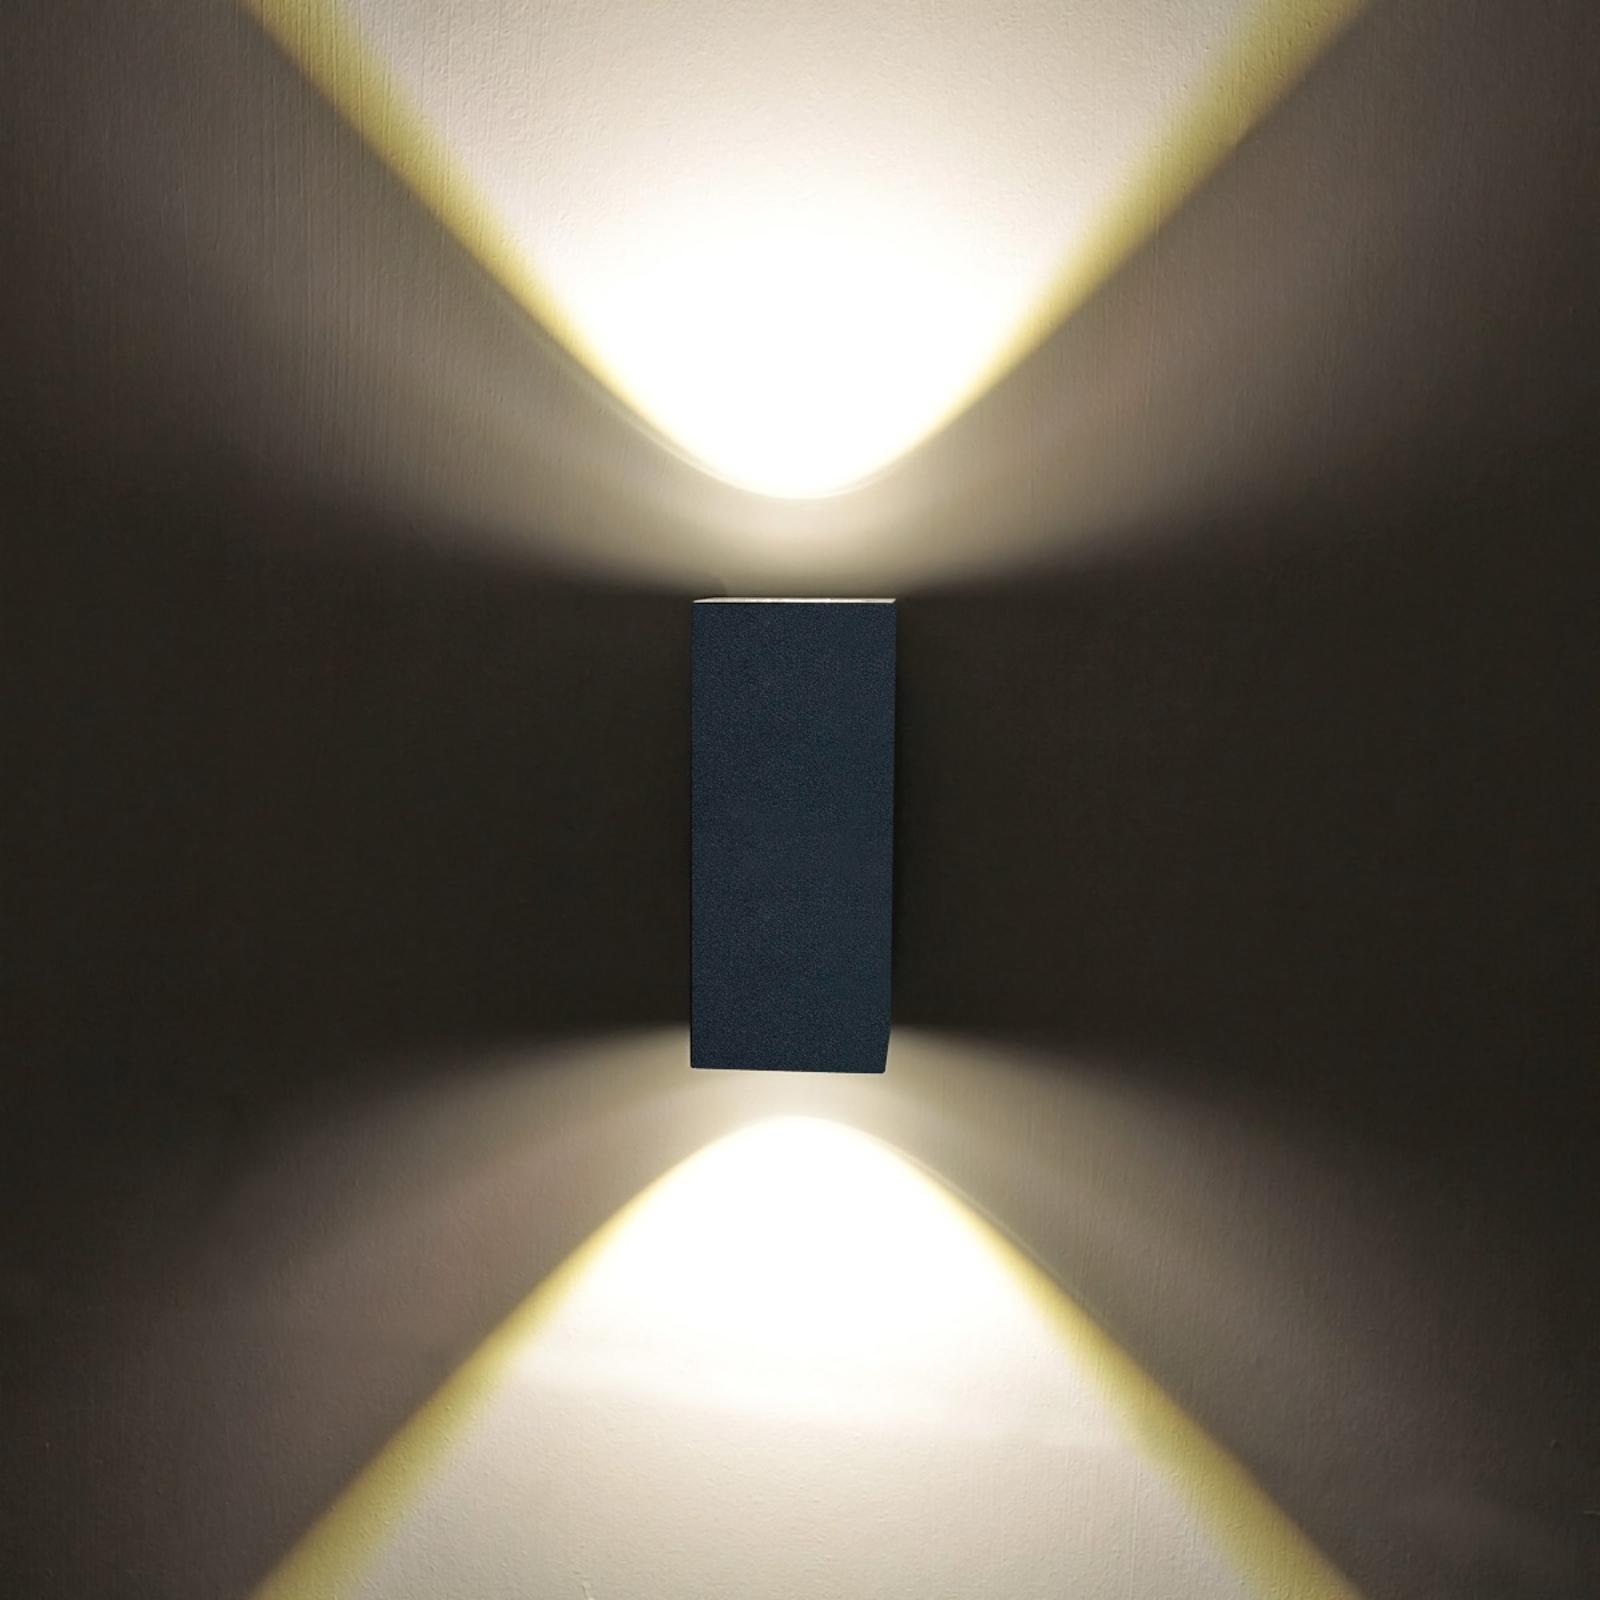 Udendørs væglampe Tavi m. 2 Bridgelux LED'er á 5 W